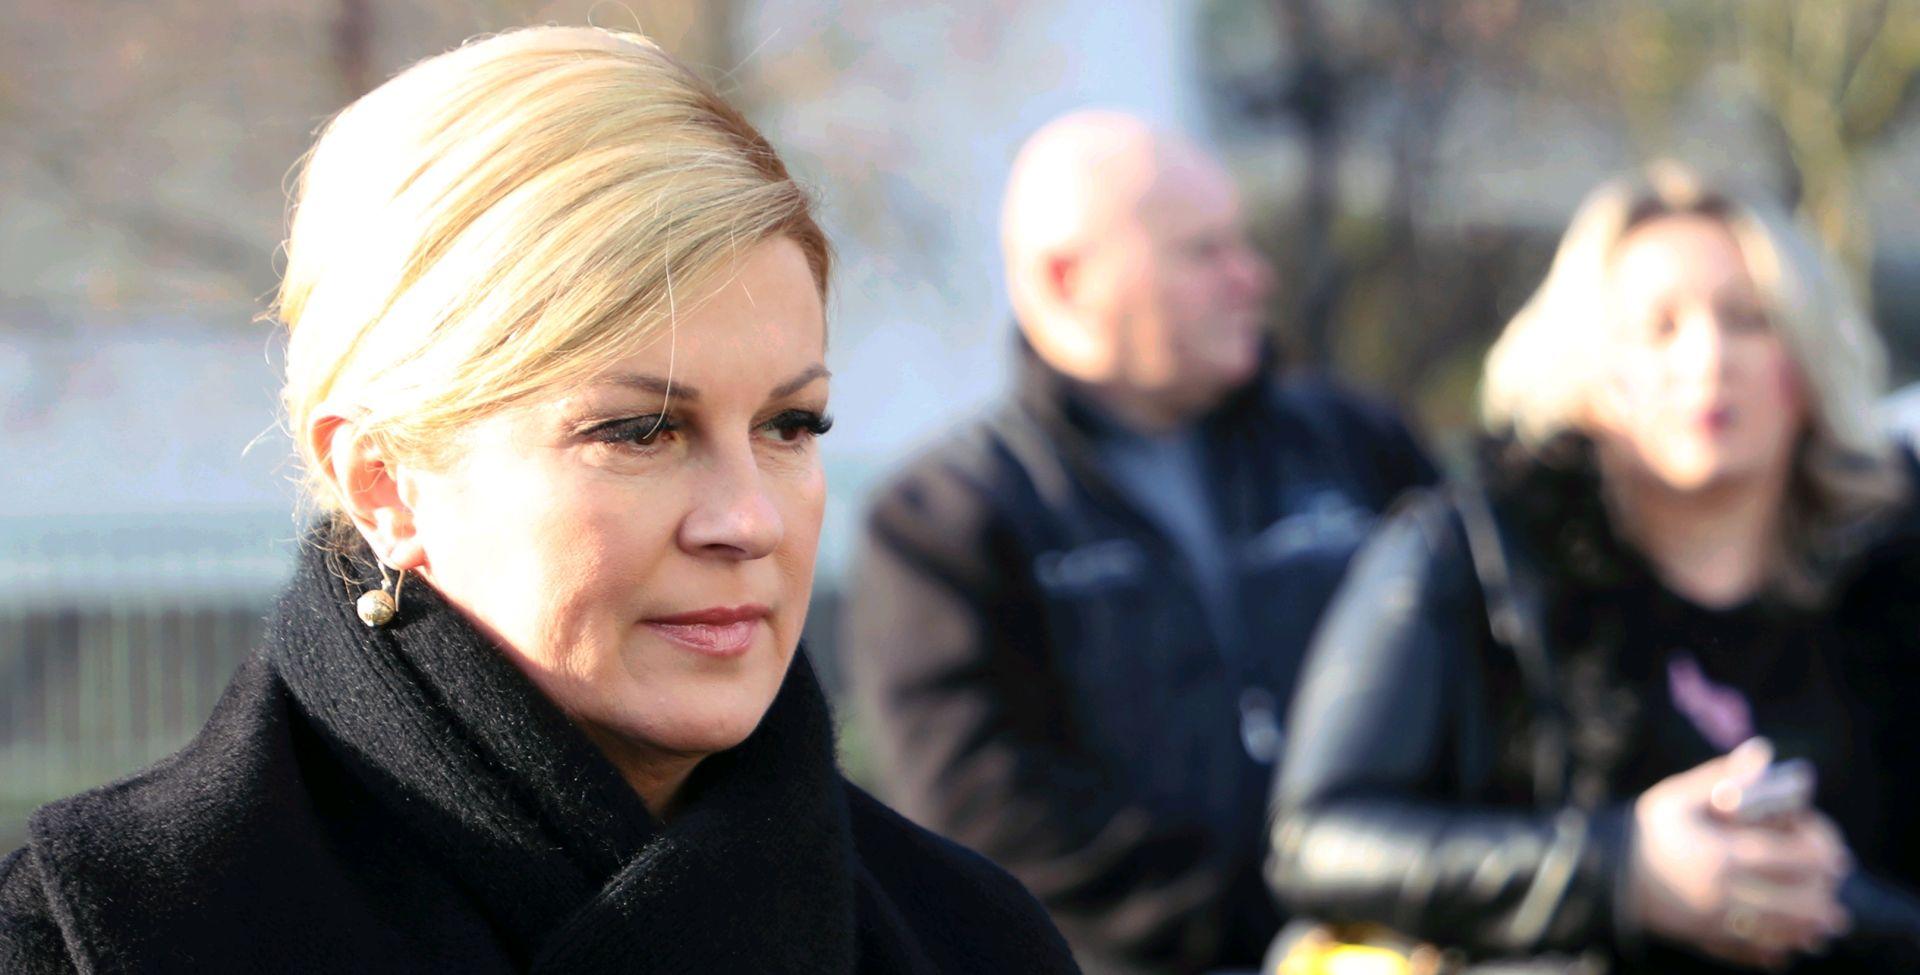 Sućut predsjednice zbog smrti Hanžekovića